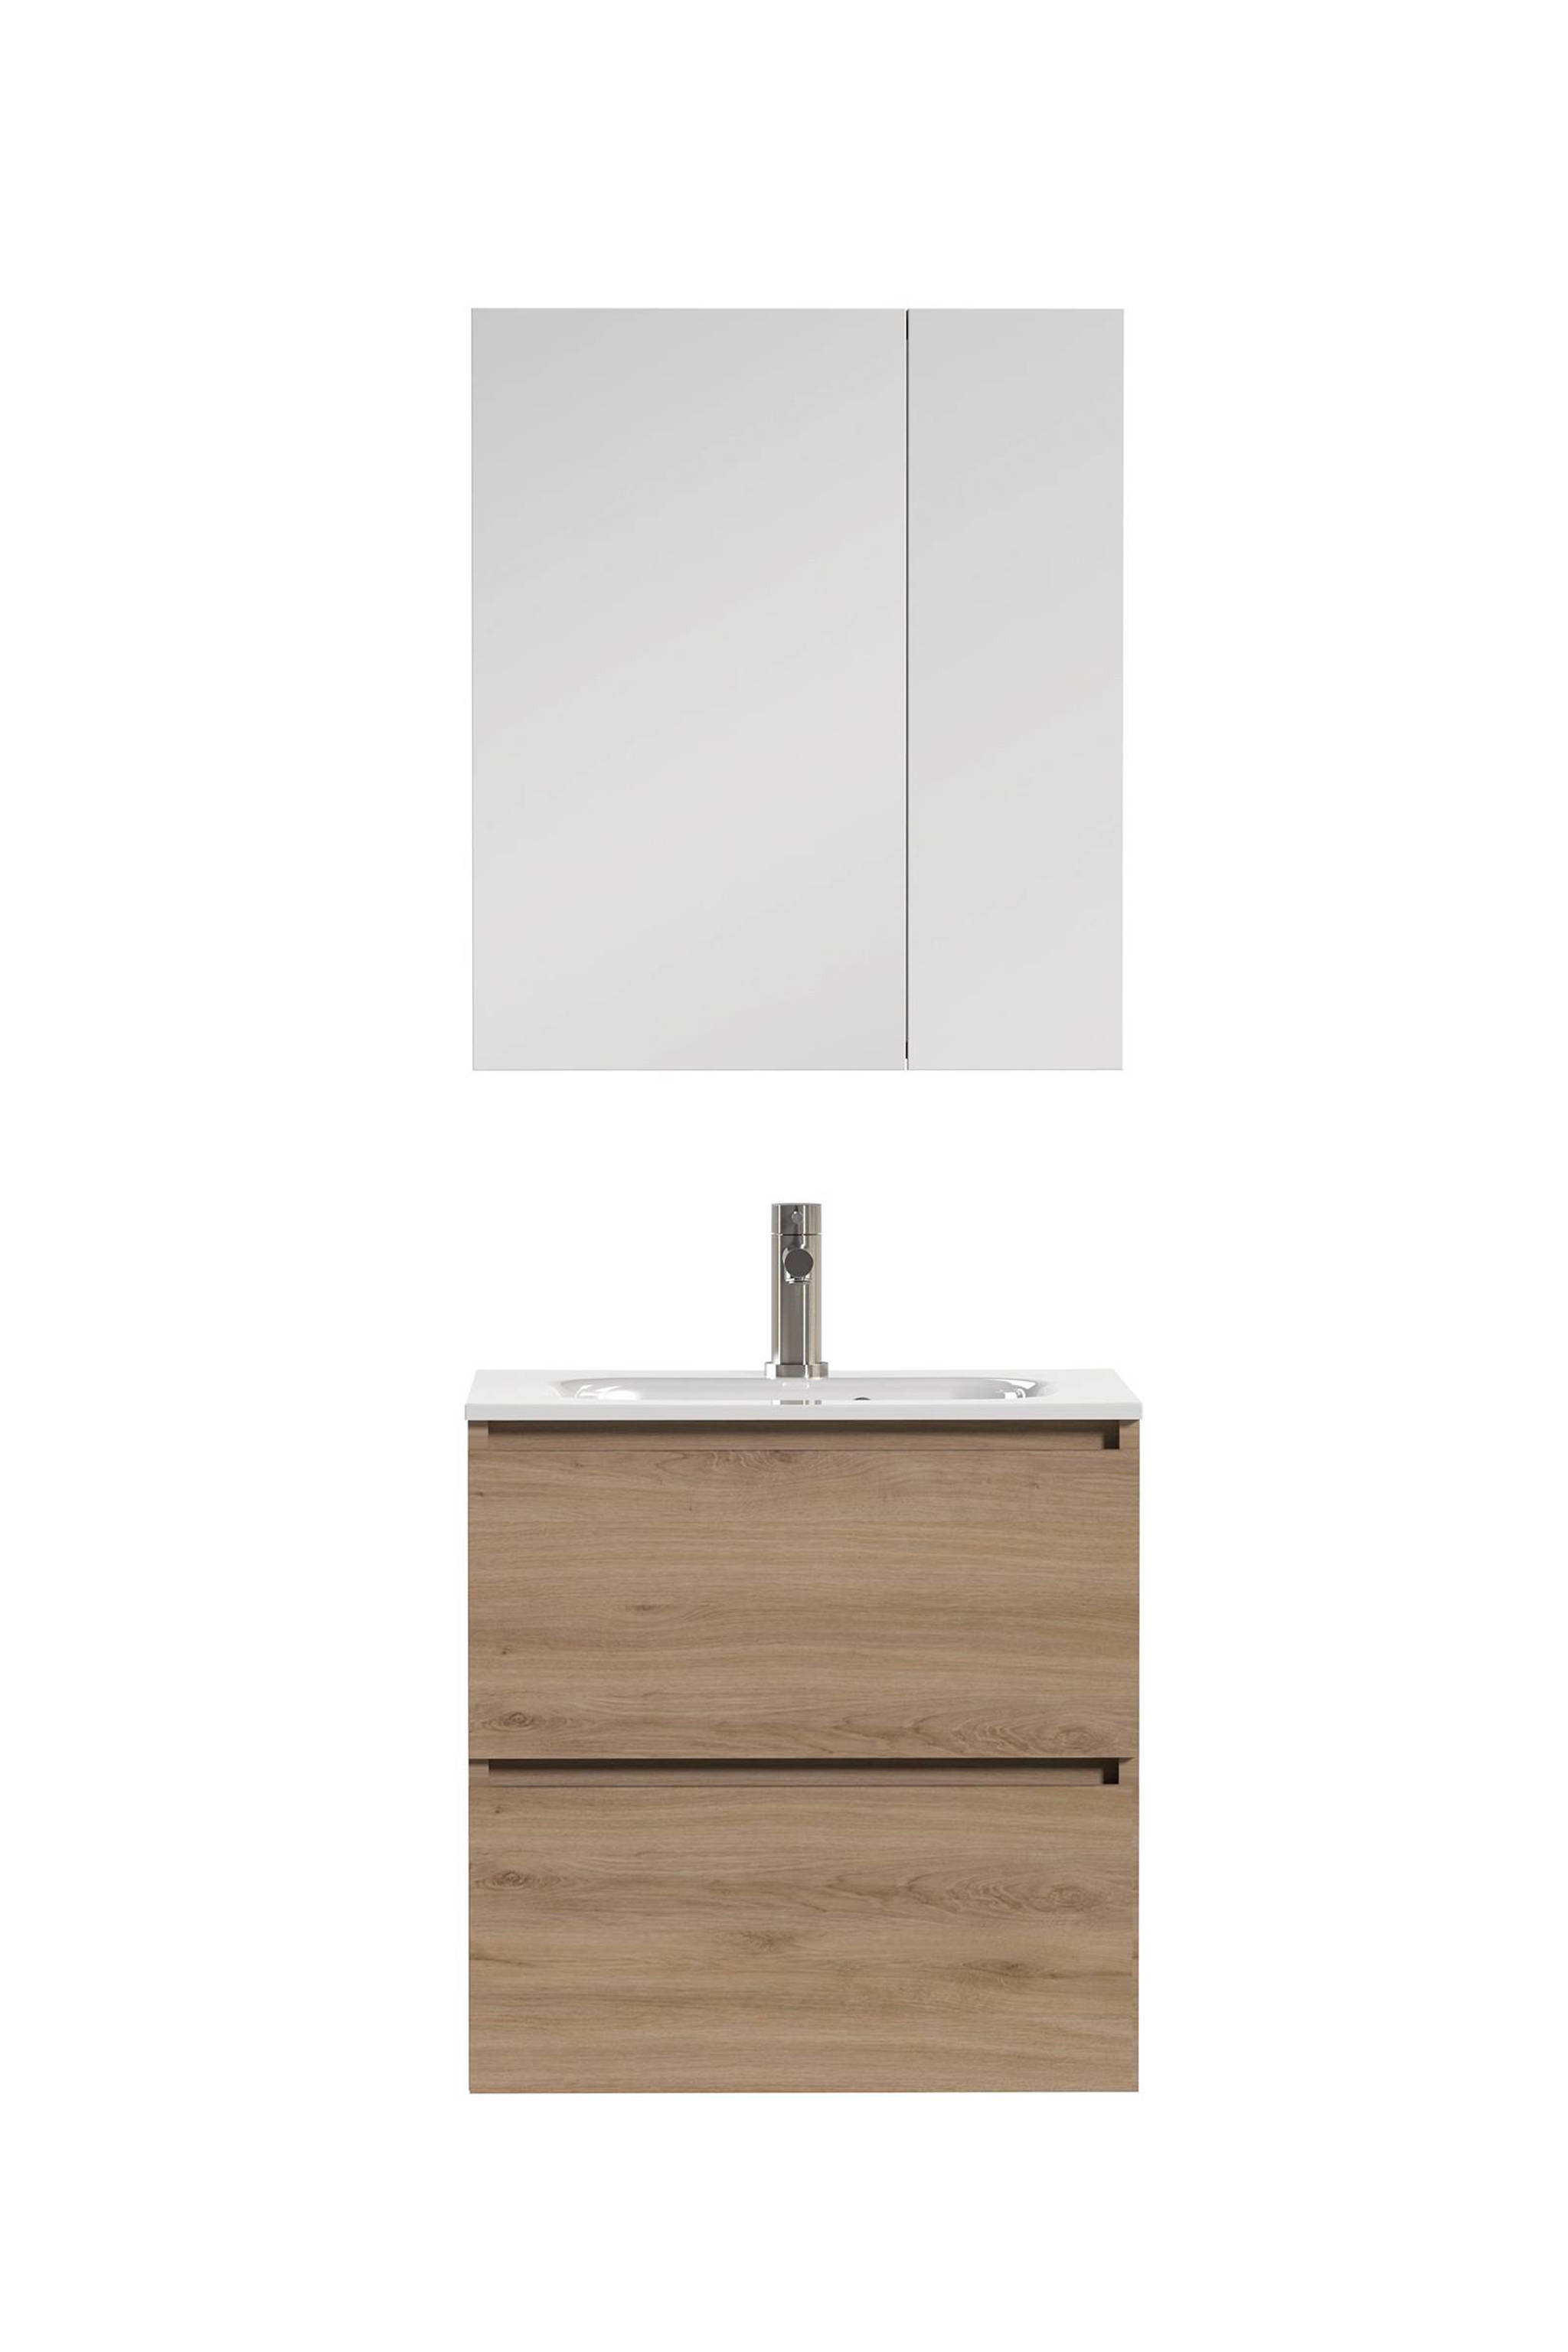 Badmeubel 60 Cm Met Spiegelkast.Loft Badkamermeubel 60cm Met Spiegelkast En Witte Wastafel